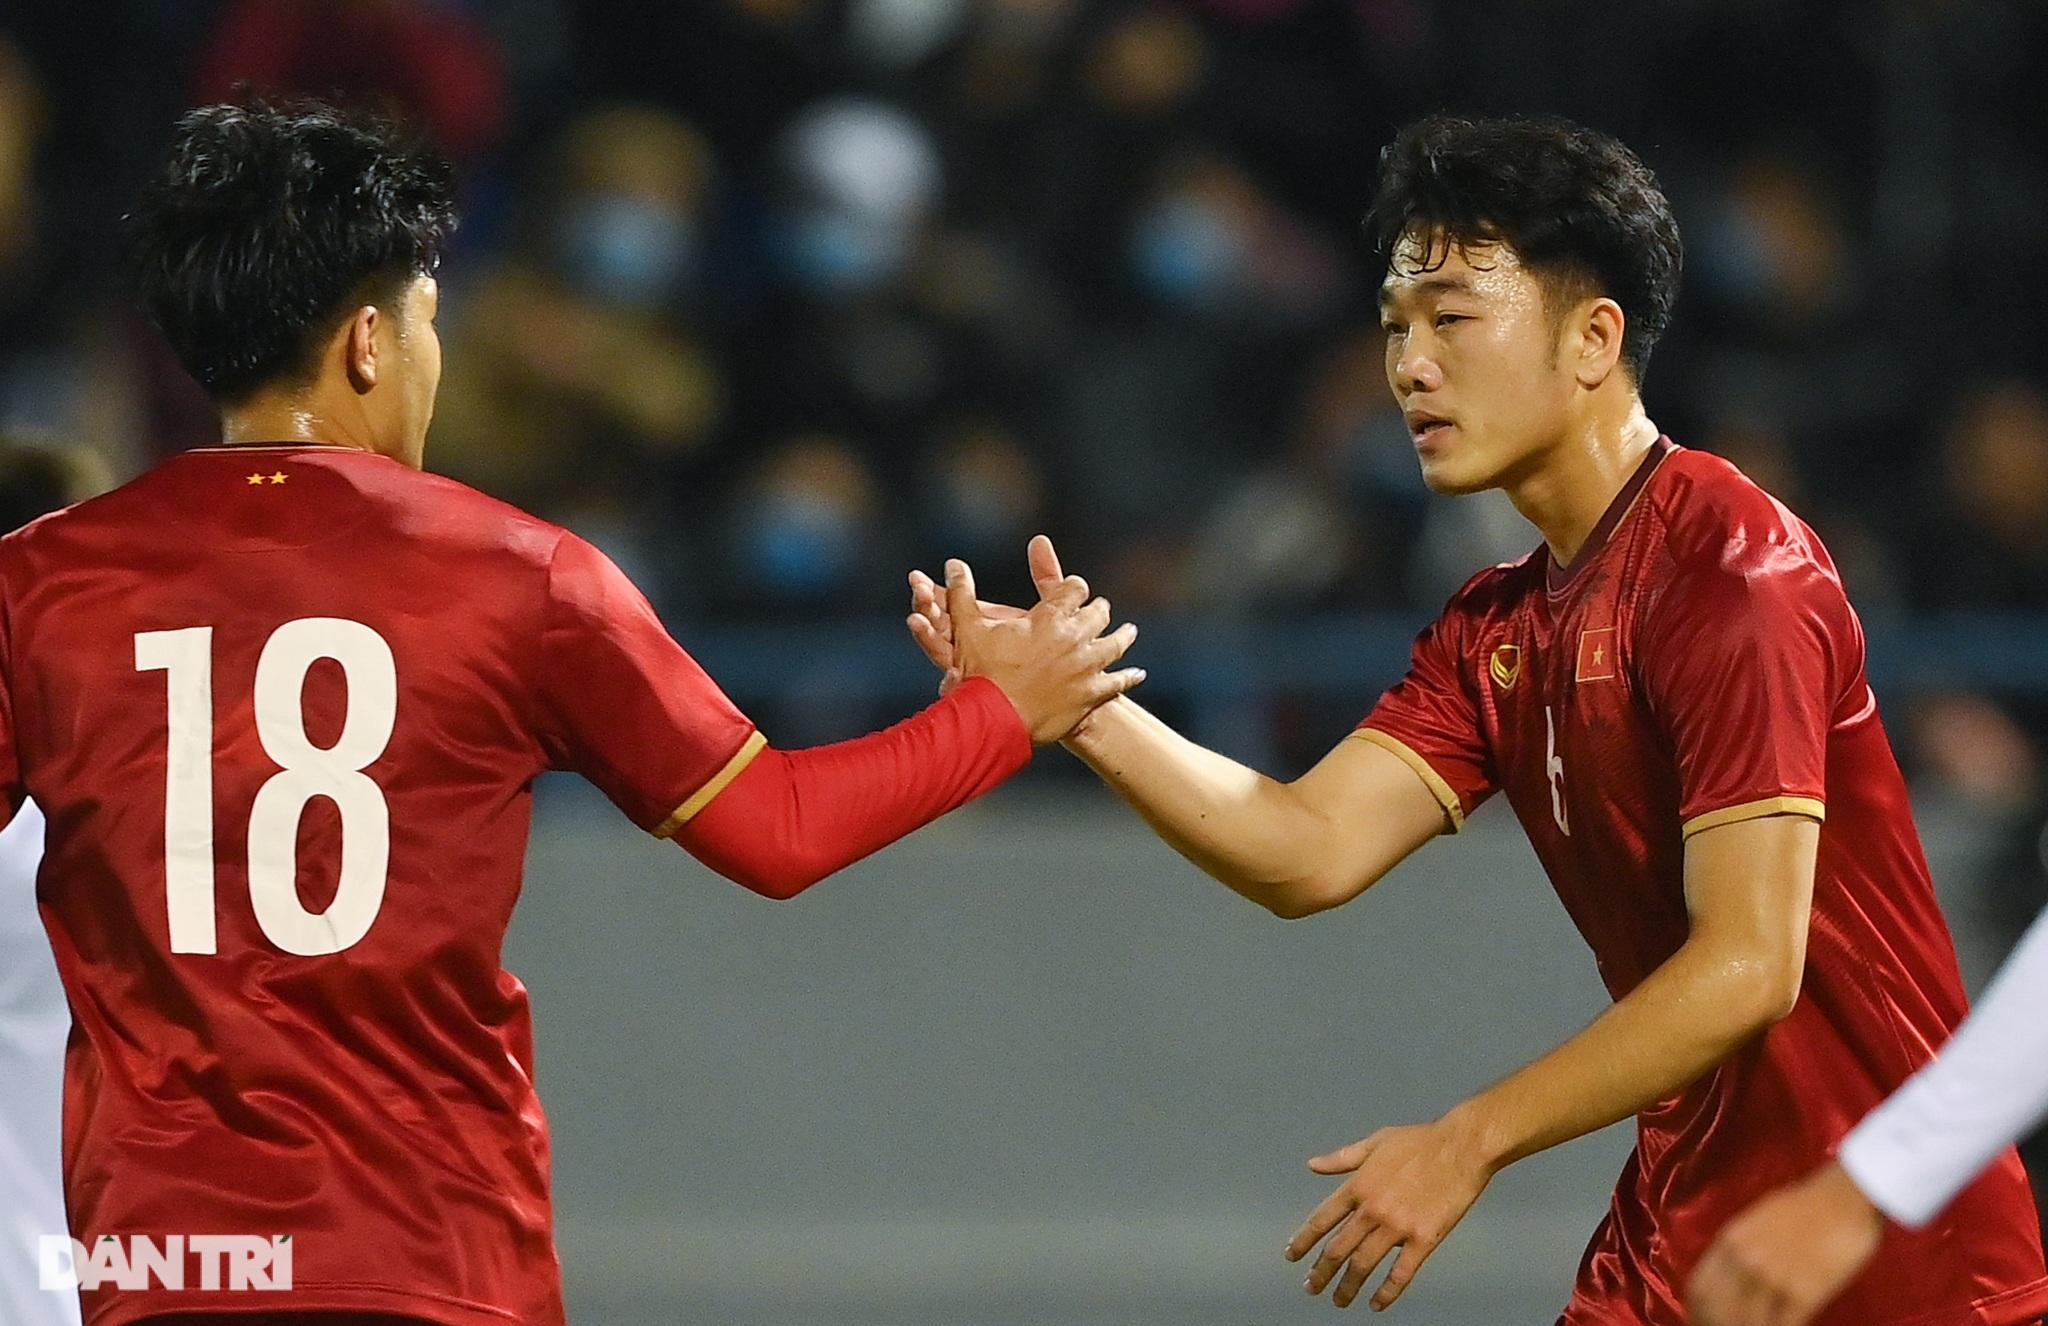 Văn Quyết ghi điểm trong chiến thắng của tuyển Việt Nam trước đàn em U22 - 21